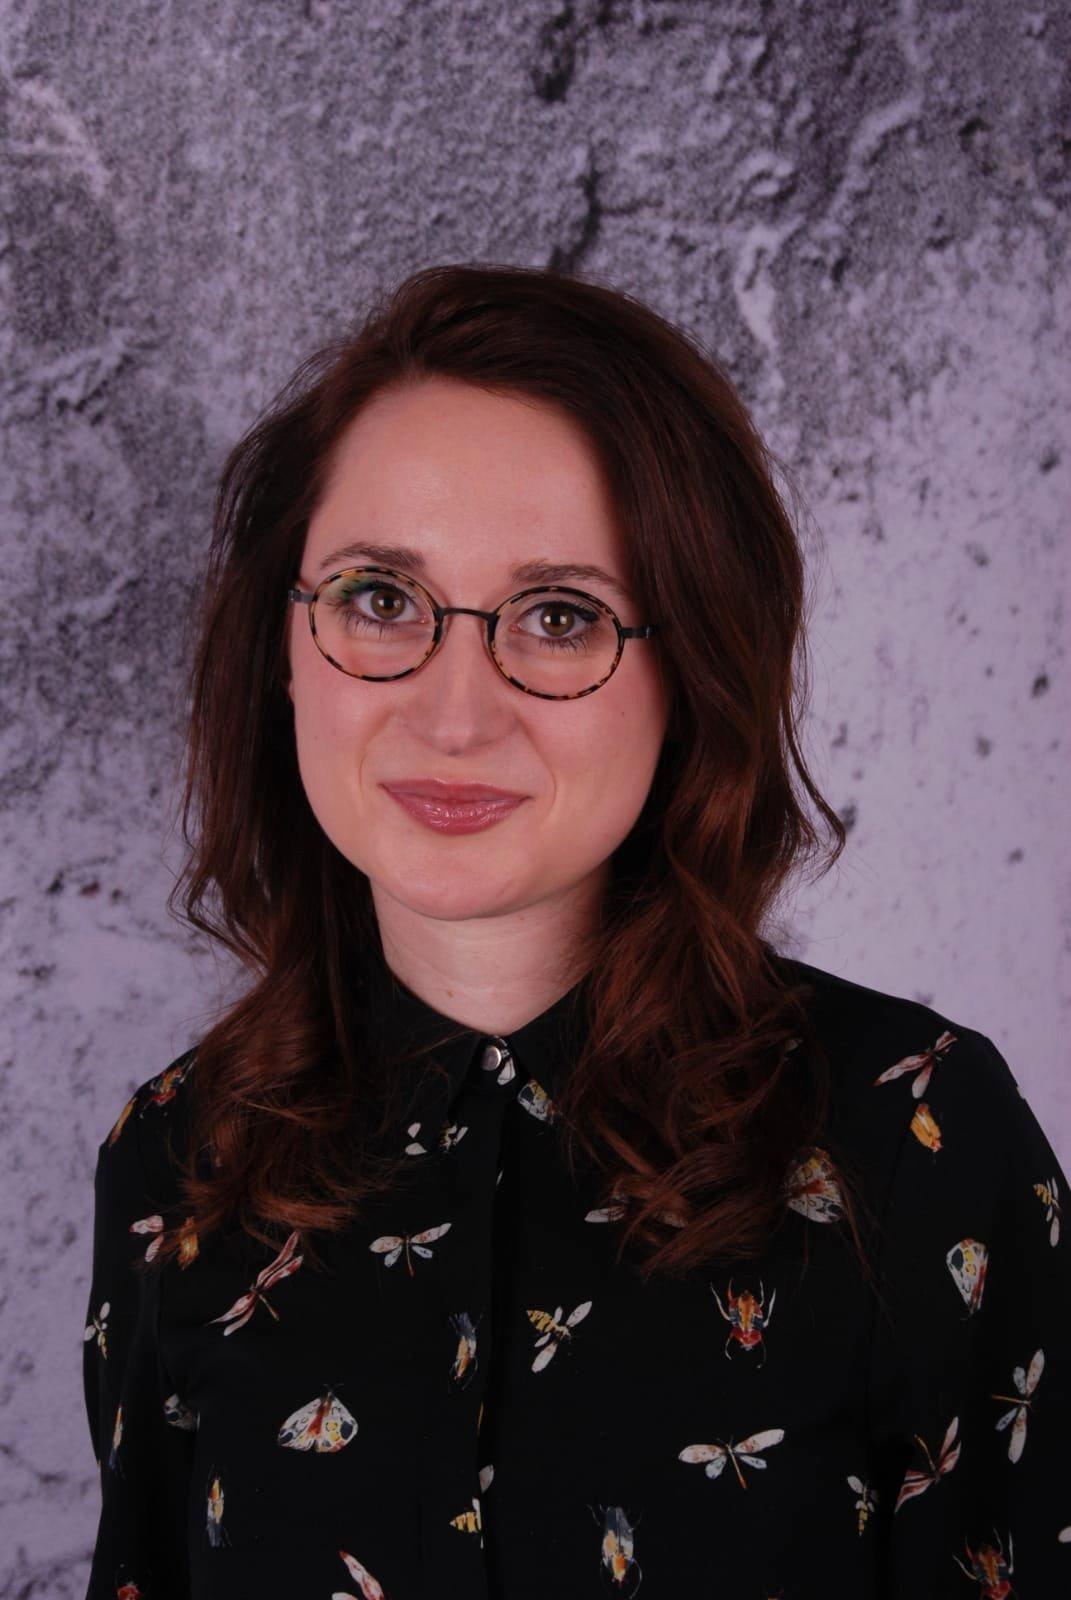 Anouk - Kapper bij Hairfriends Haar&Visagie Dronten